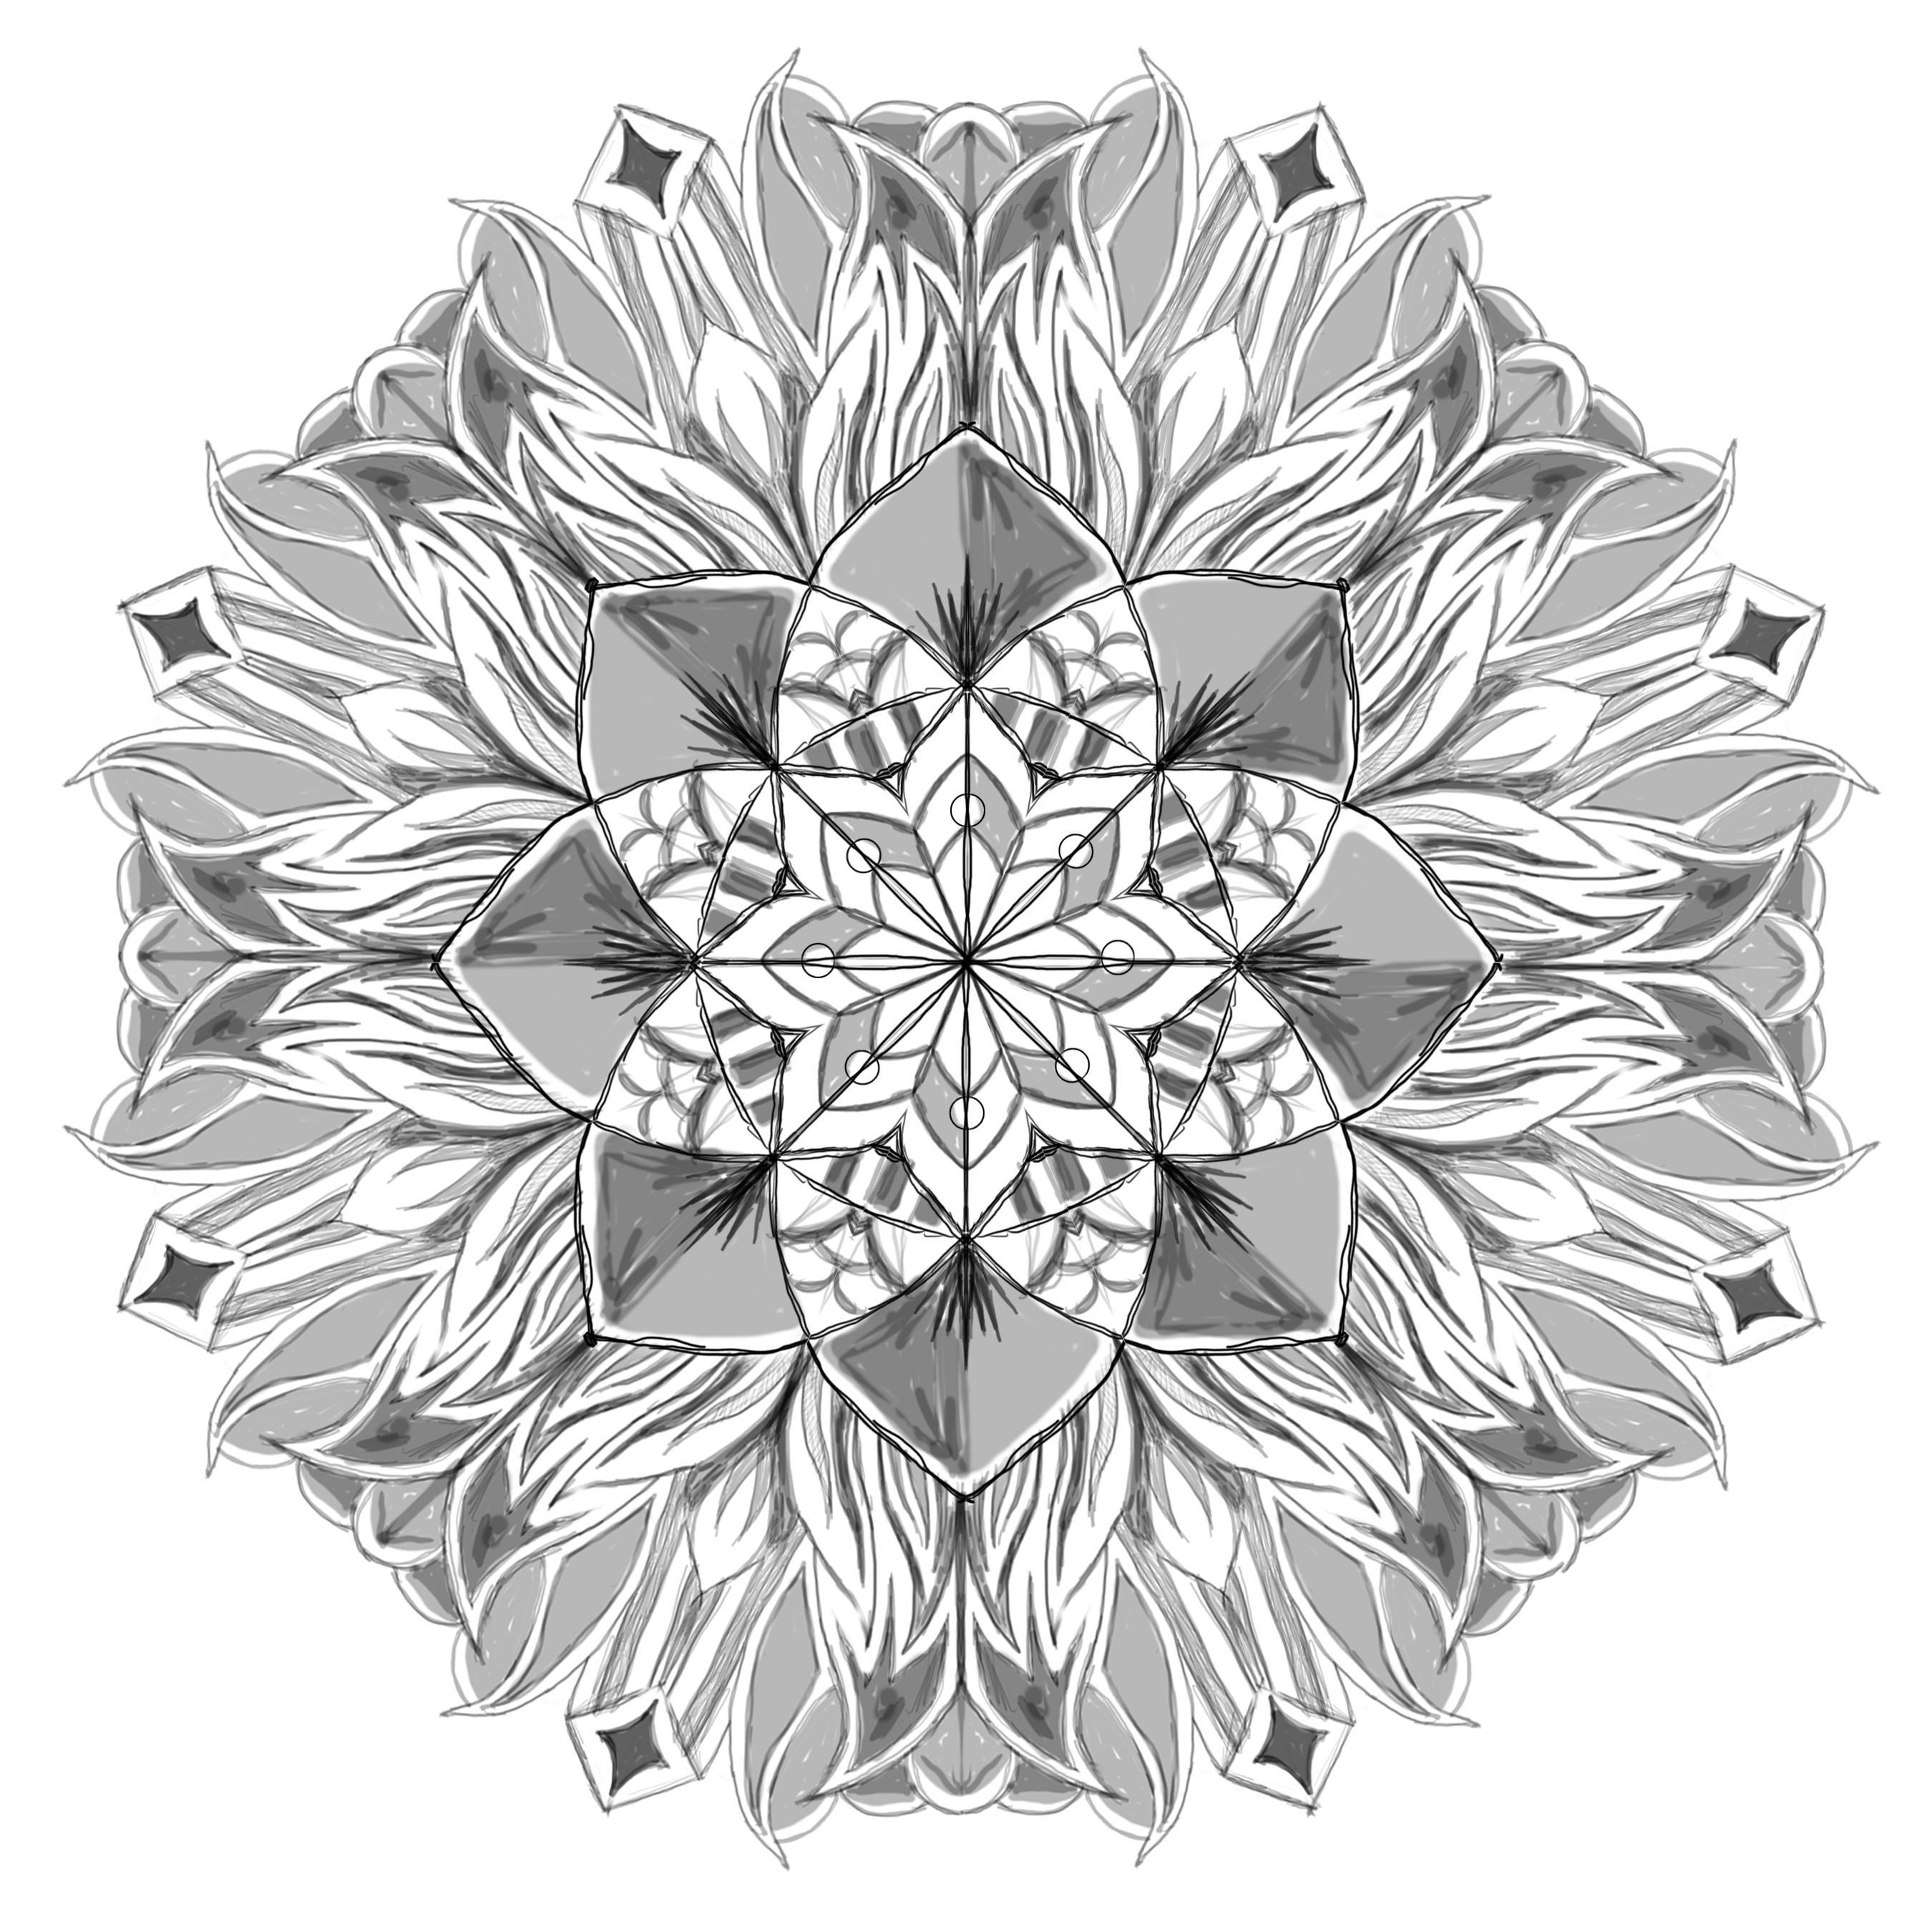 Ed Perez Mandala - image 1 - student project